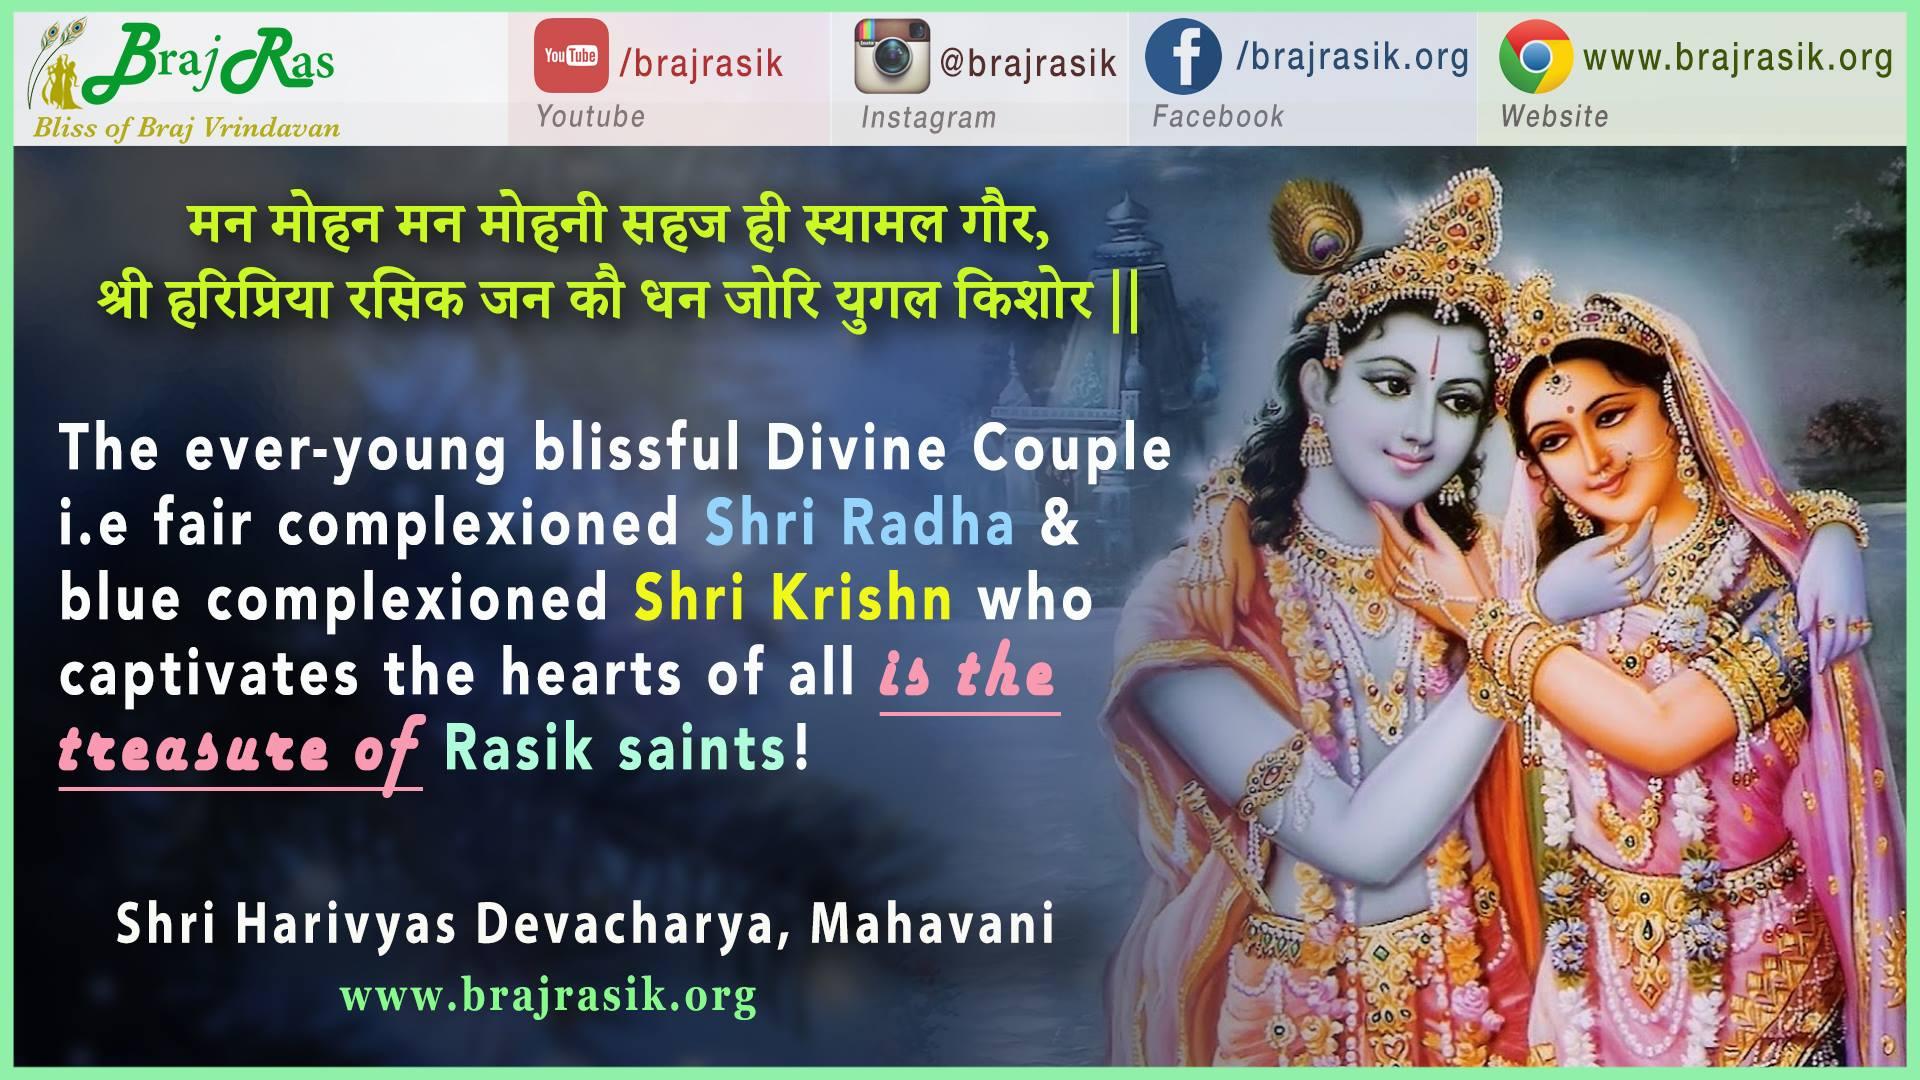 Mana Mohan Mana Mohani Sahaj Hi Shyamal Gaur - Shri Harivyas Devacharya, Mahavani